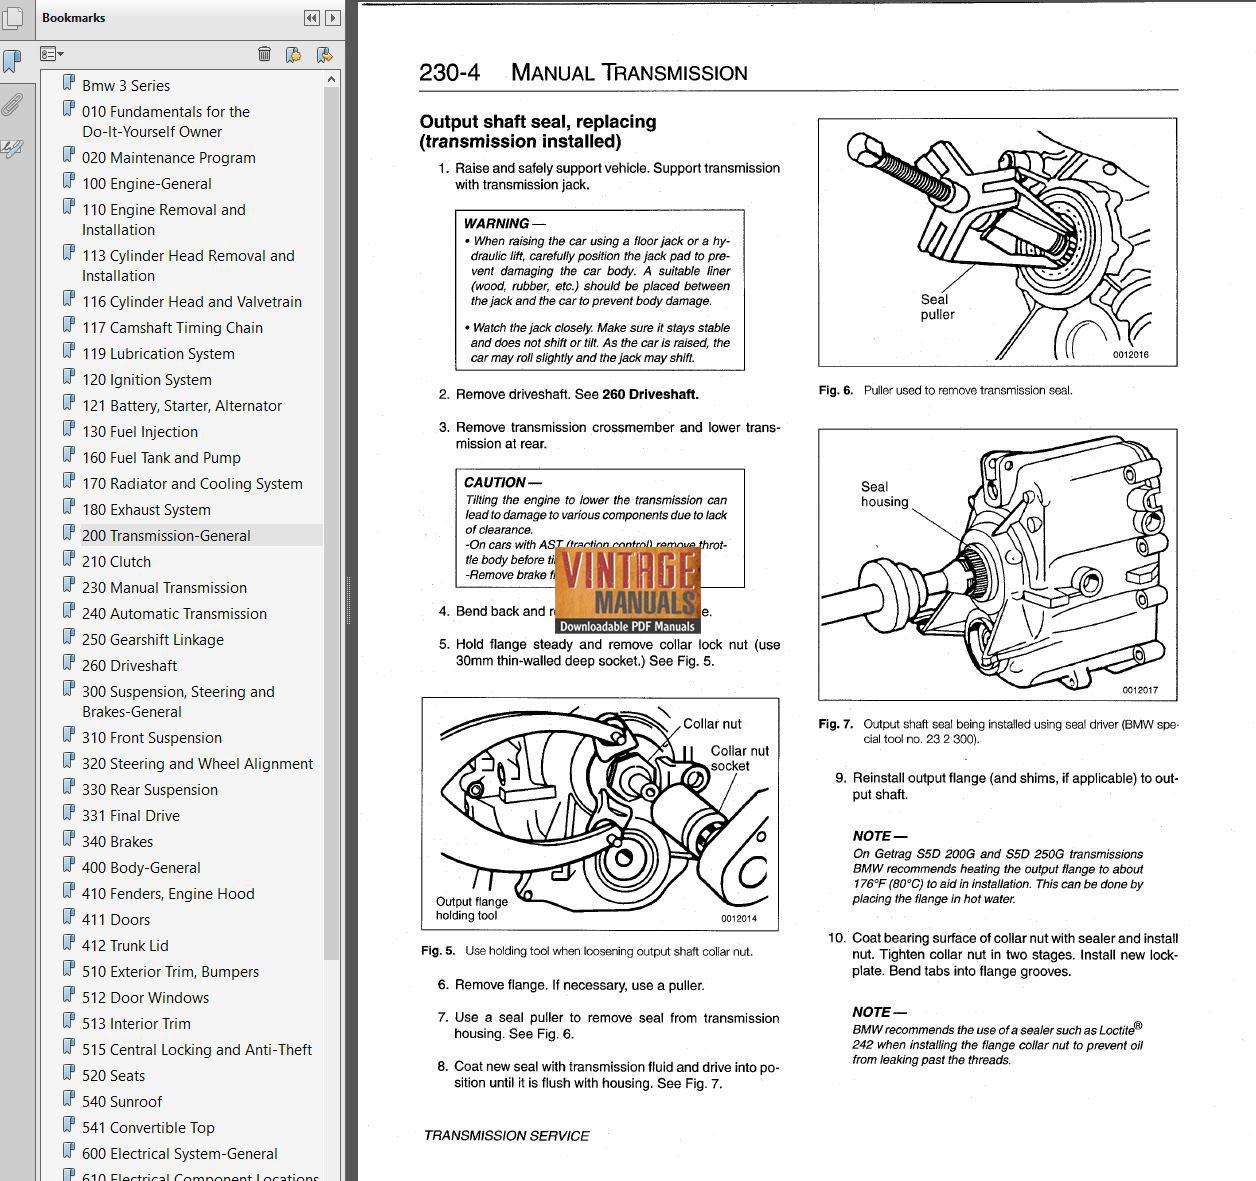 1992-1998 bmw 318  323  328  m3  e36  service manual